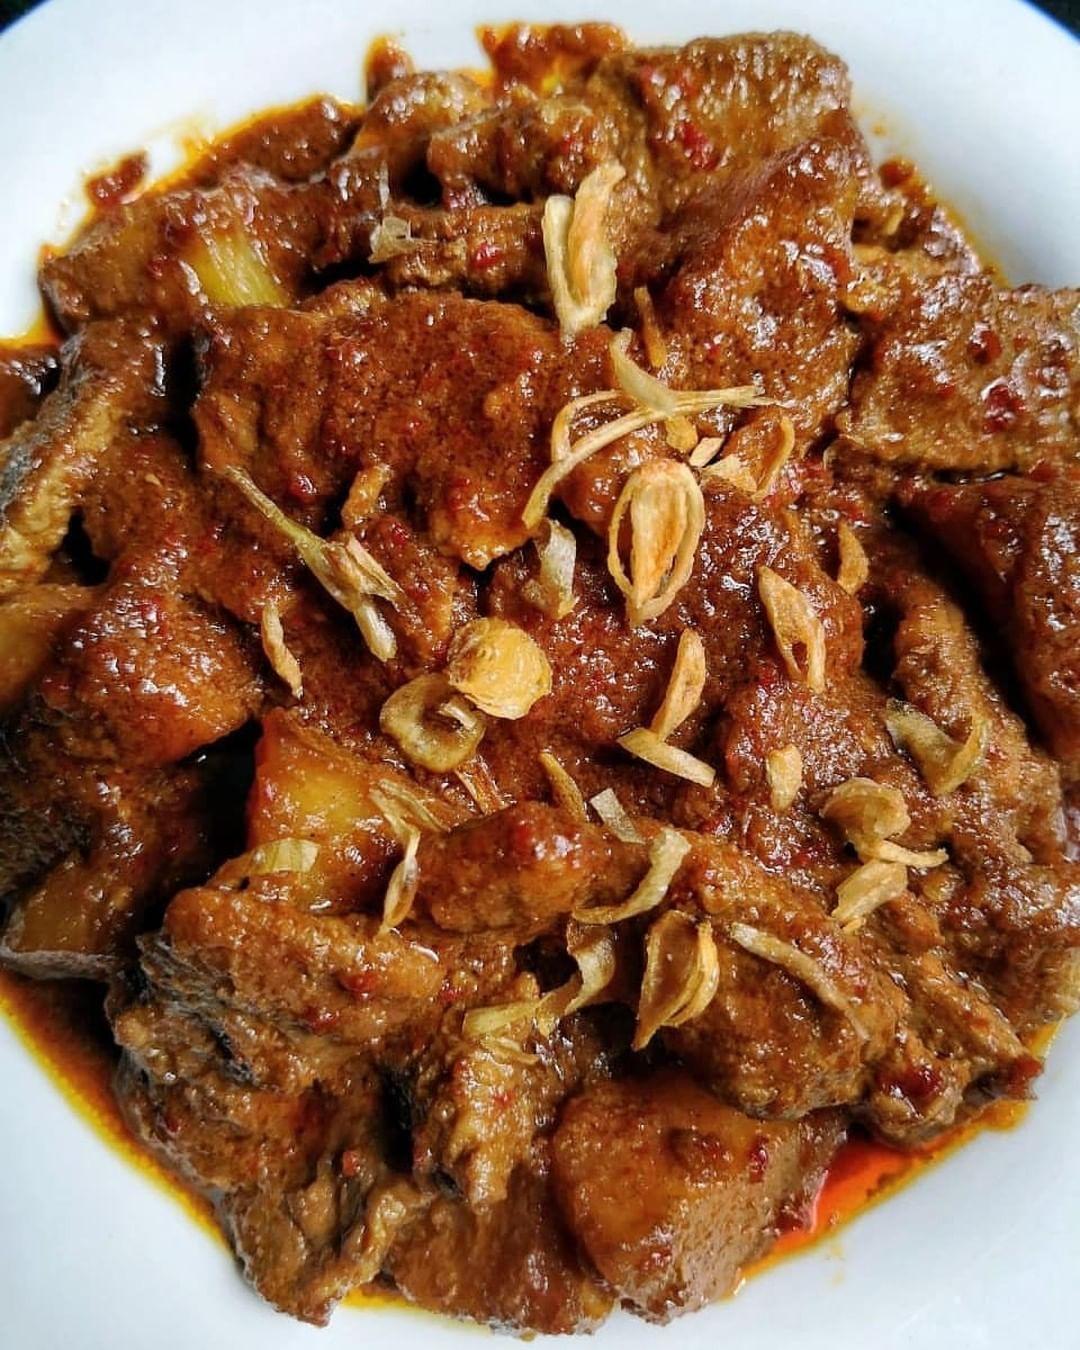 Semur Daging Pedas Semur Santan Credit By Maybelin Ma Resep Masakan Resep Semur Daging